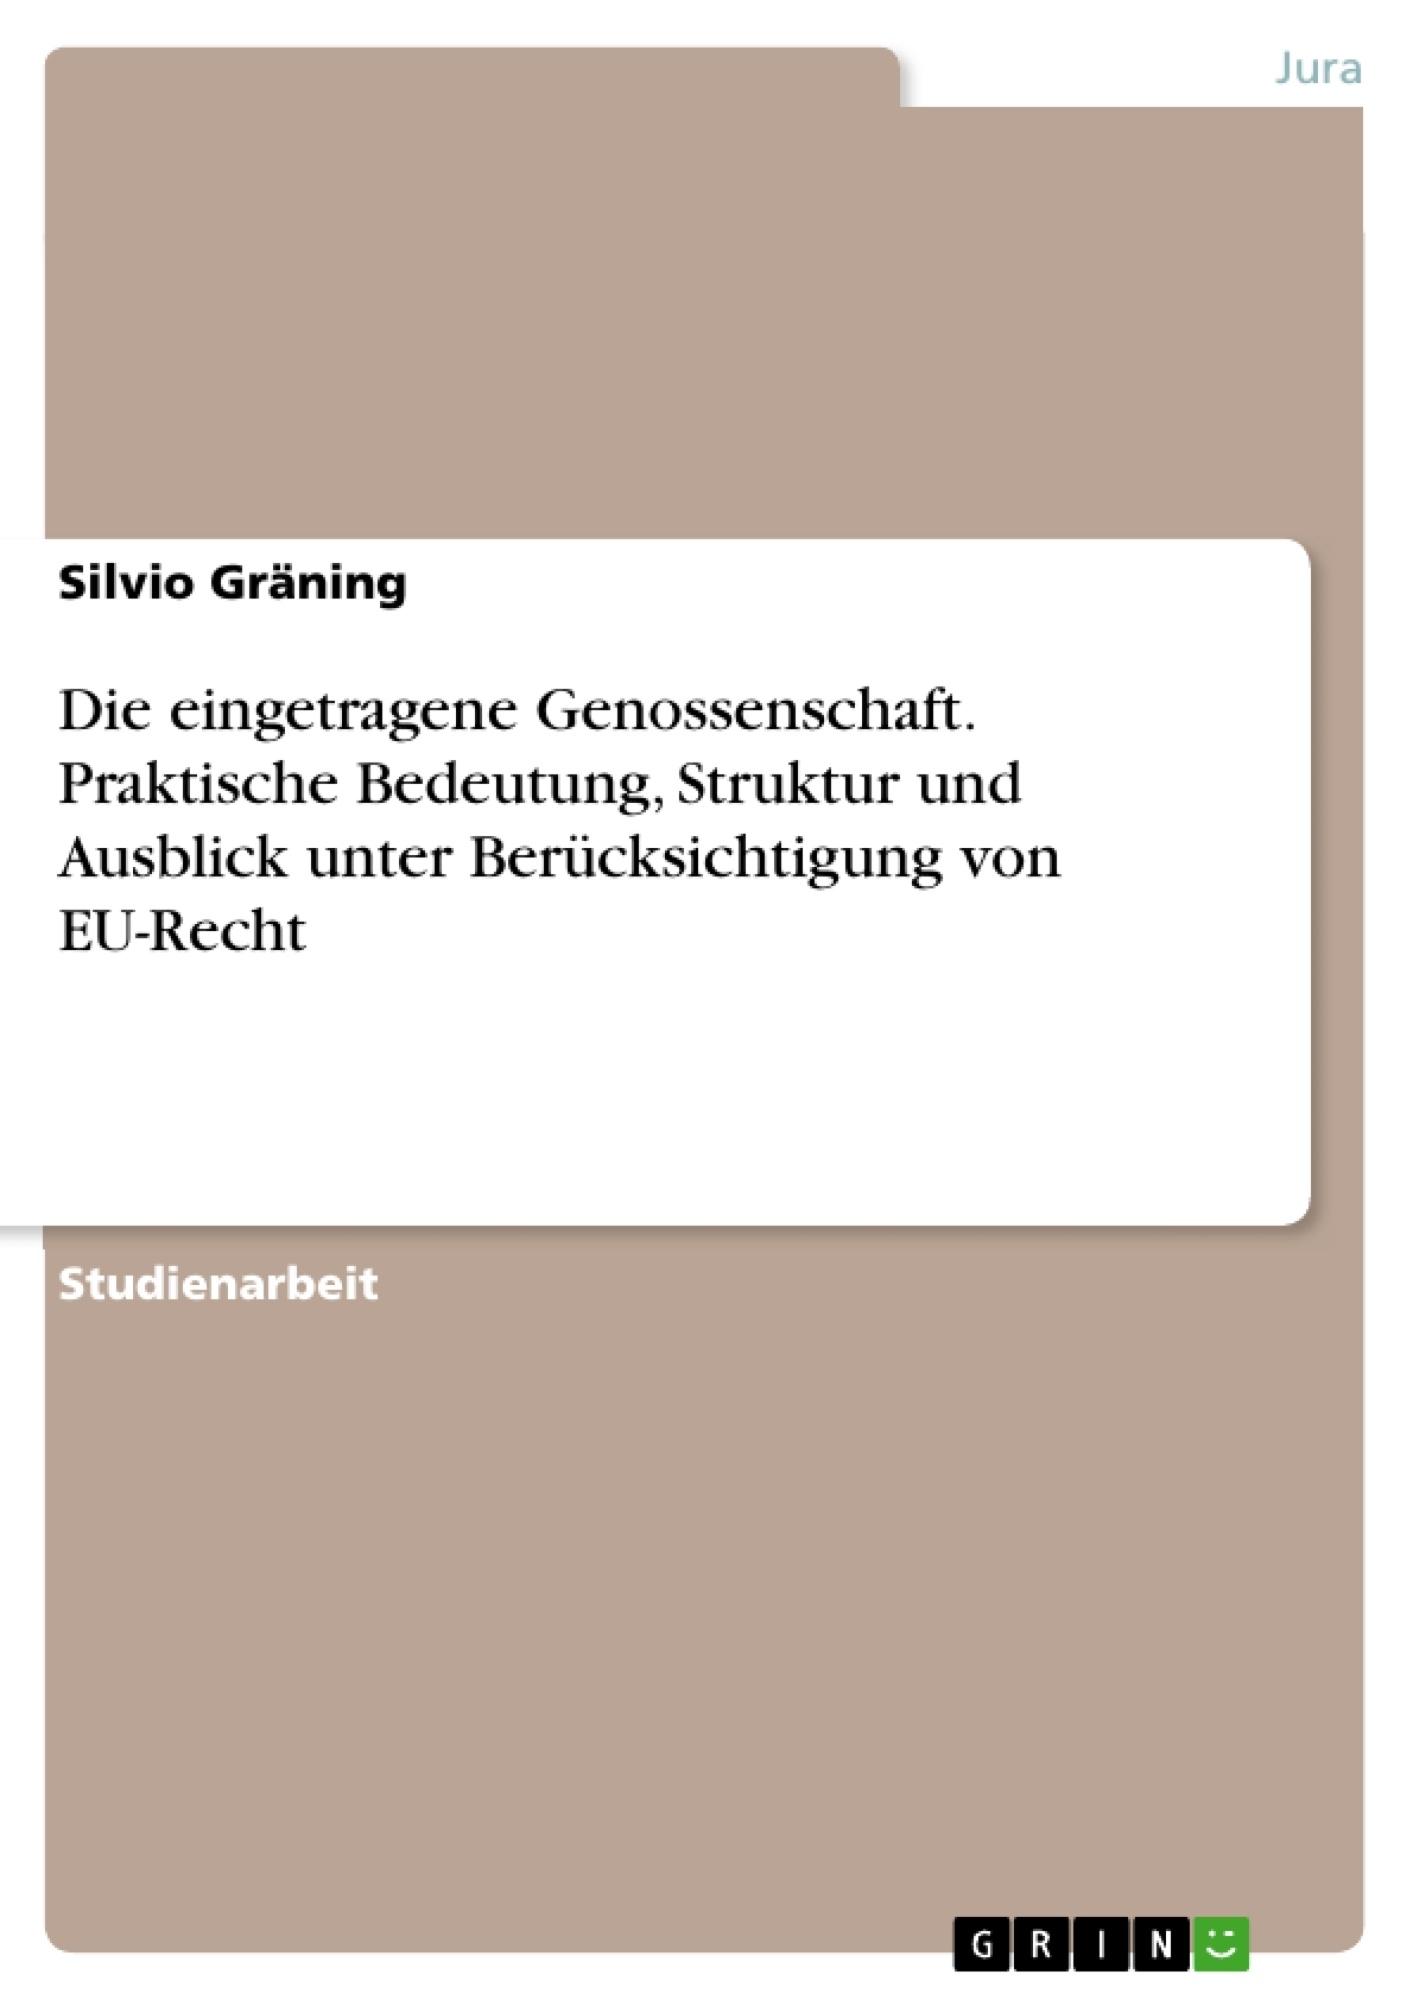 Titel: Die eingetragene Genossenschaft. Praktische Bedeutung, Struktur und Ausblick unter Berücksichtigung von EU-Recht